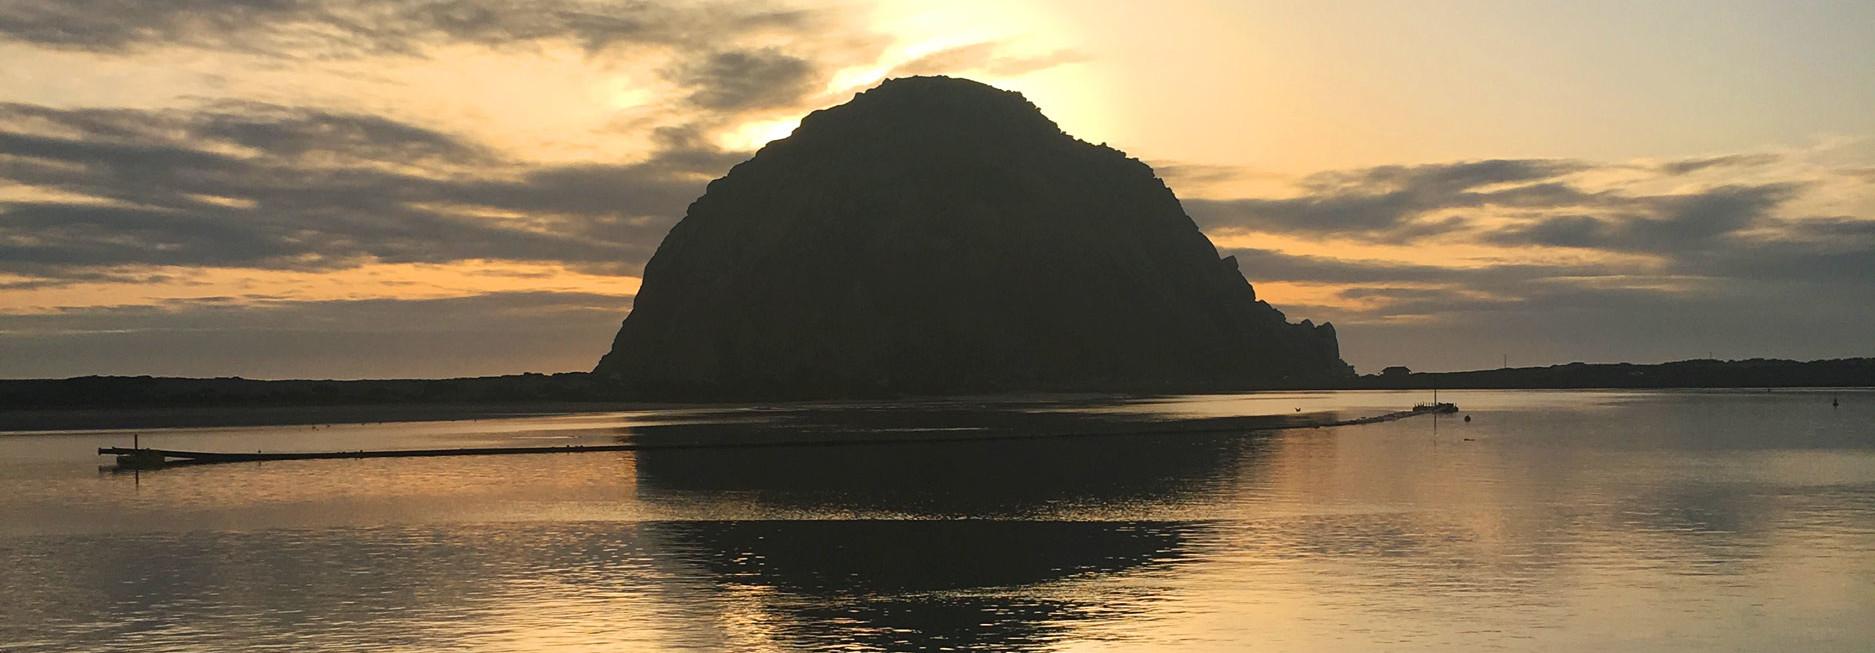 Reisebericht Kalifornien - Sonnenuntergang am Morro Rock in der Morro Bay